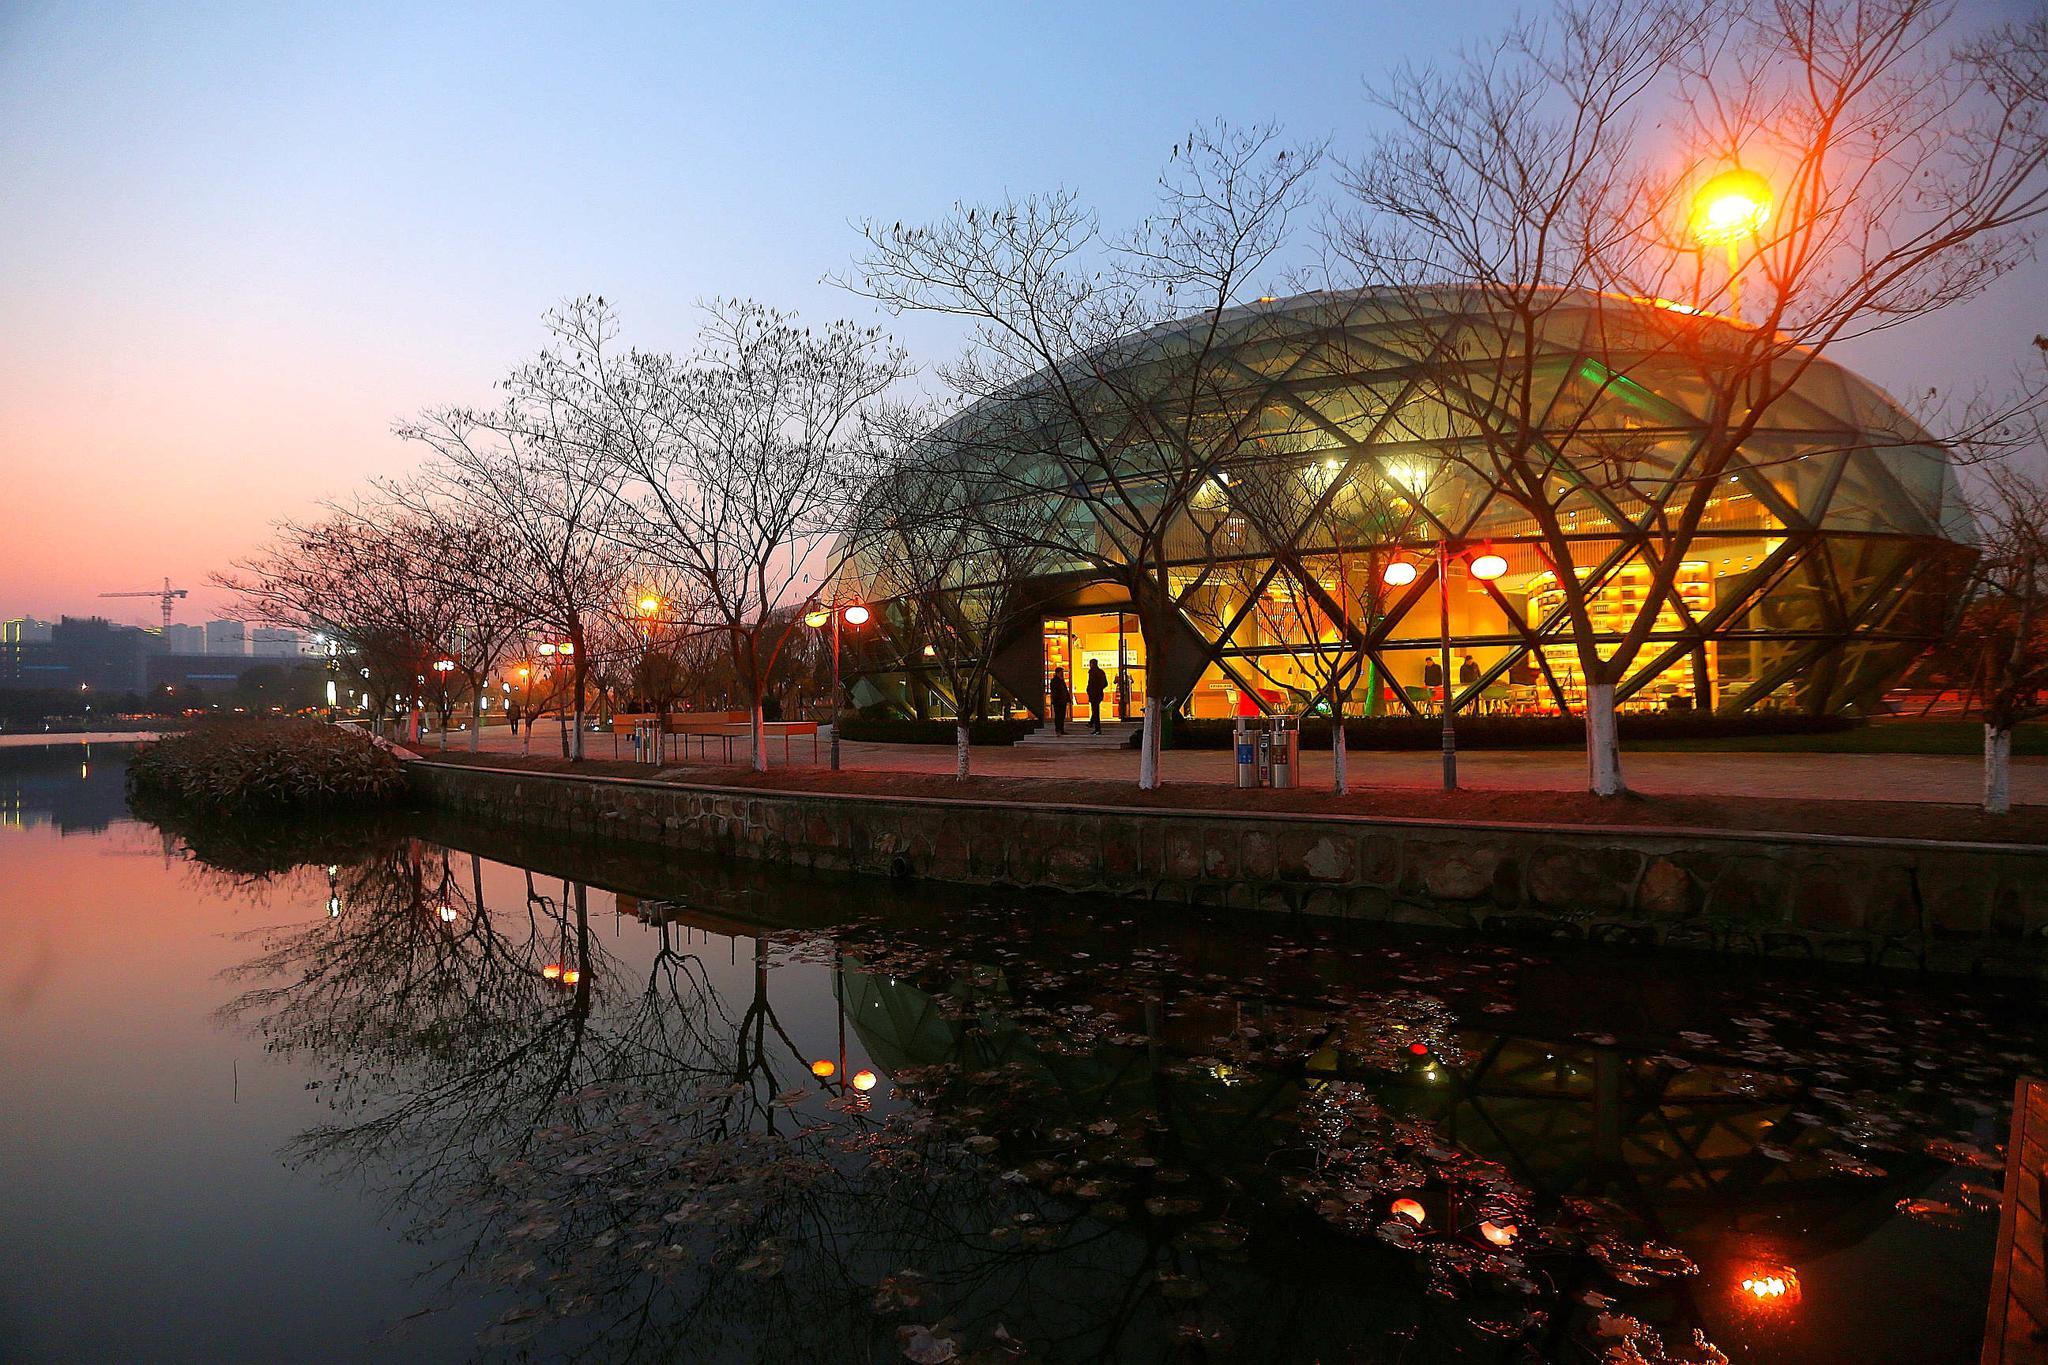 """离开长江剑鱼的美味 靖江与上海的关系不止于此 他们想为上海打造""""江苏综合成本最低的地区"""""""